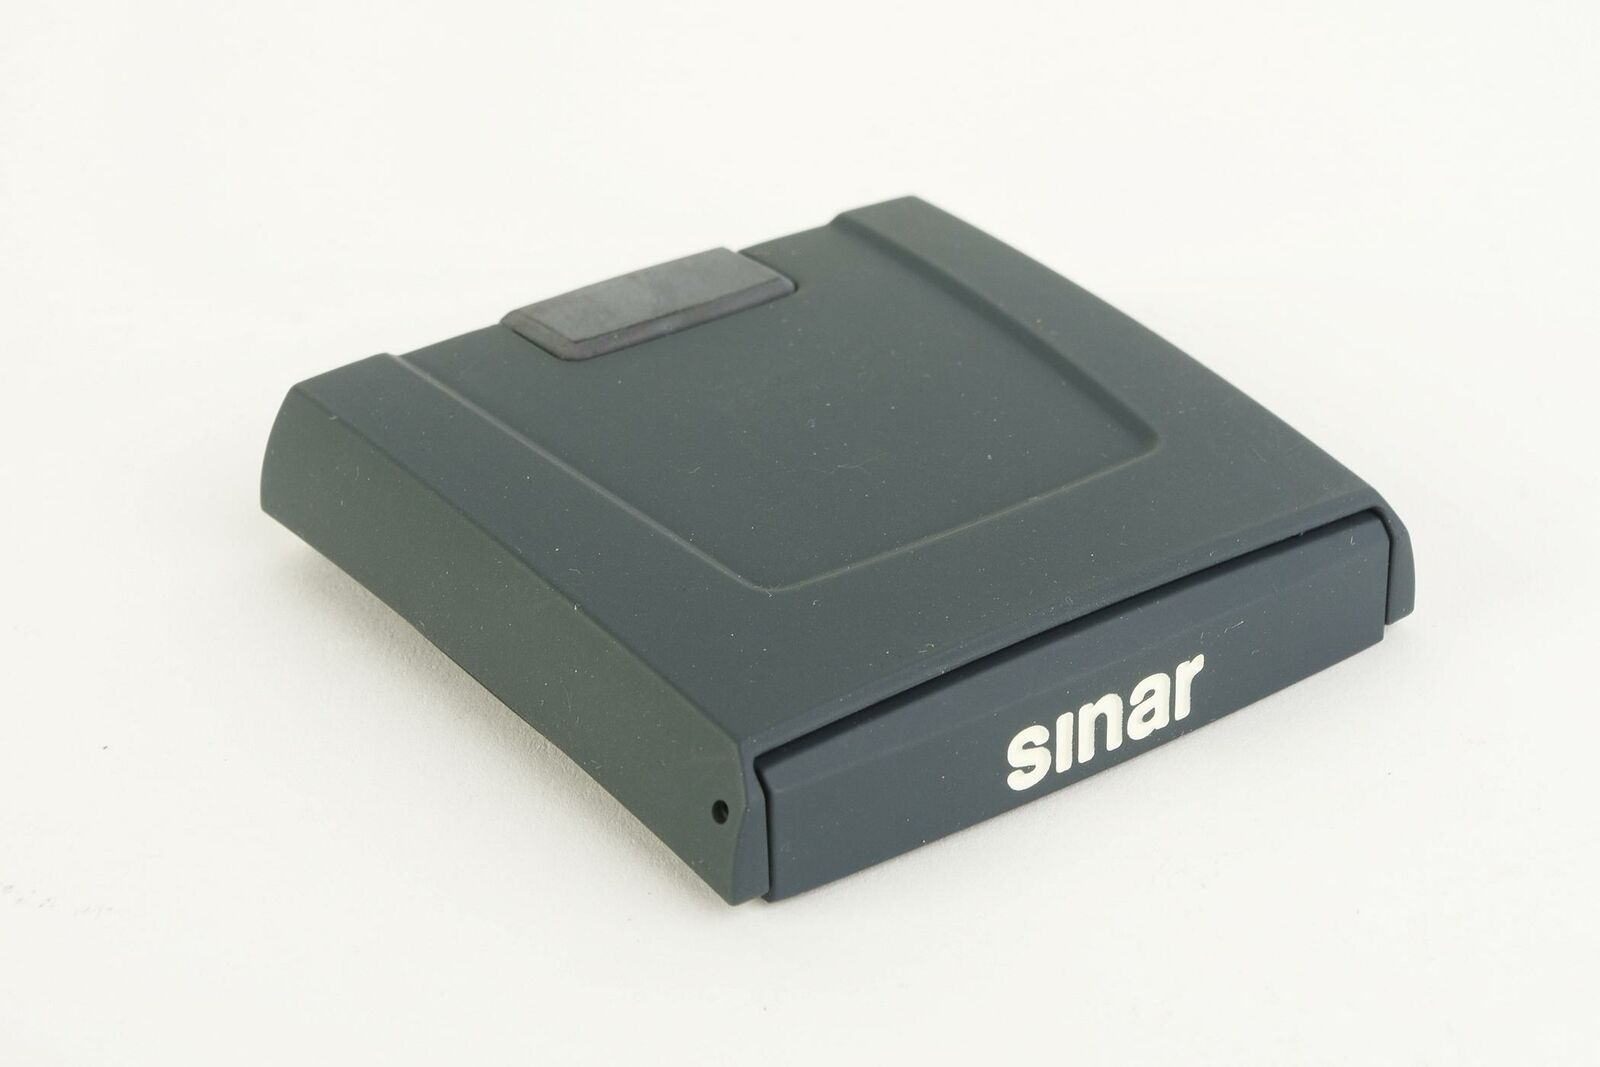 Sinar WLF / waist level finder